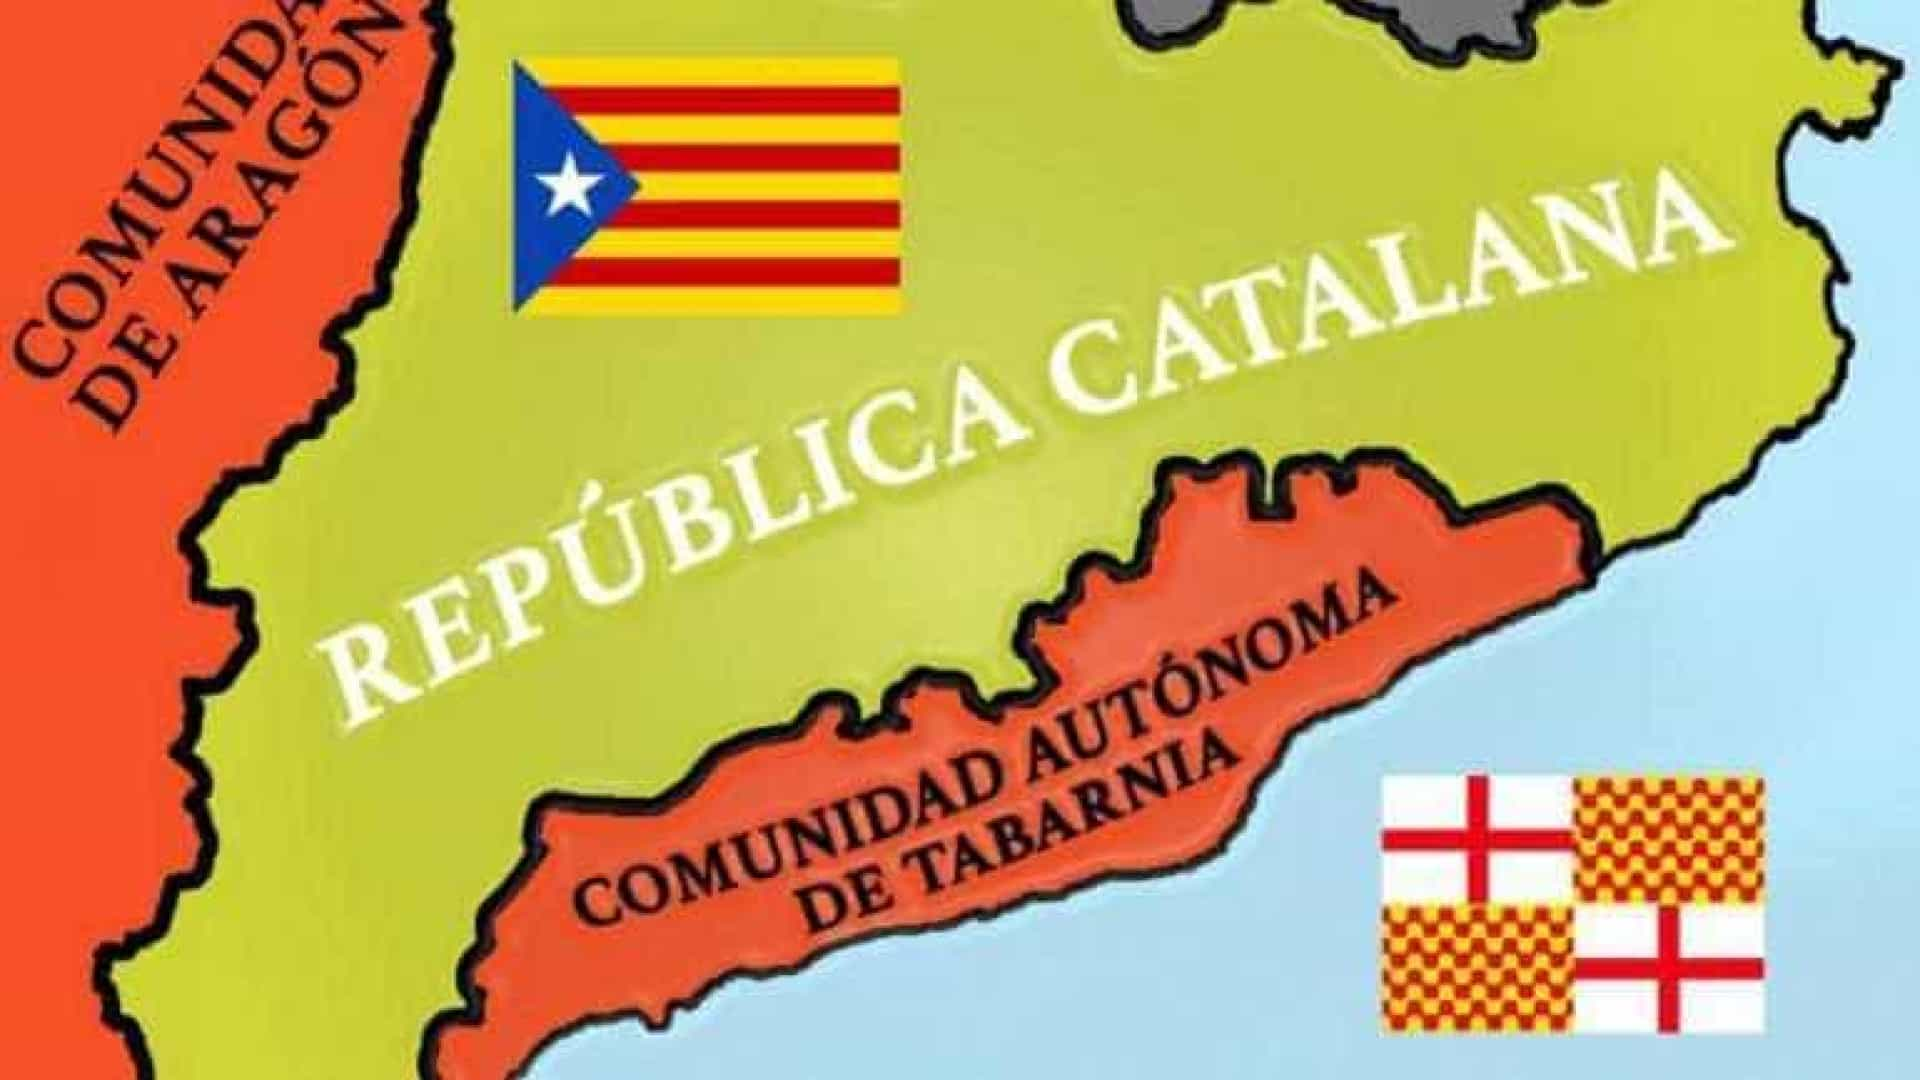 Sair da Catalunha para ficar em Espanha. Eis a Tabarnia